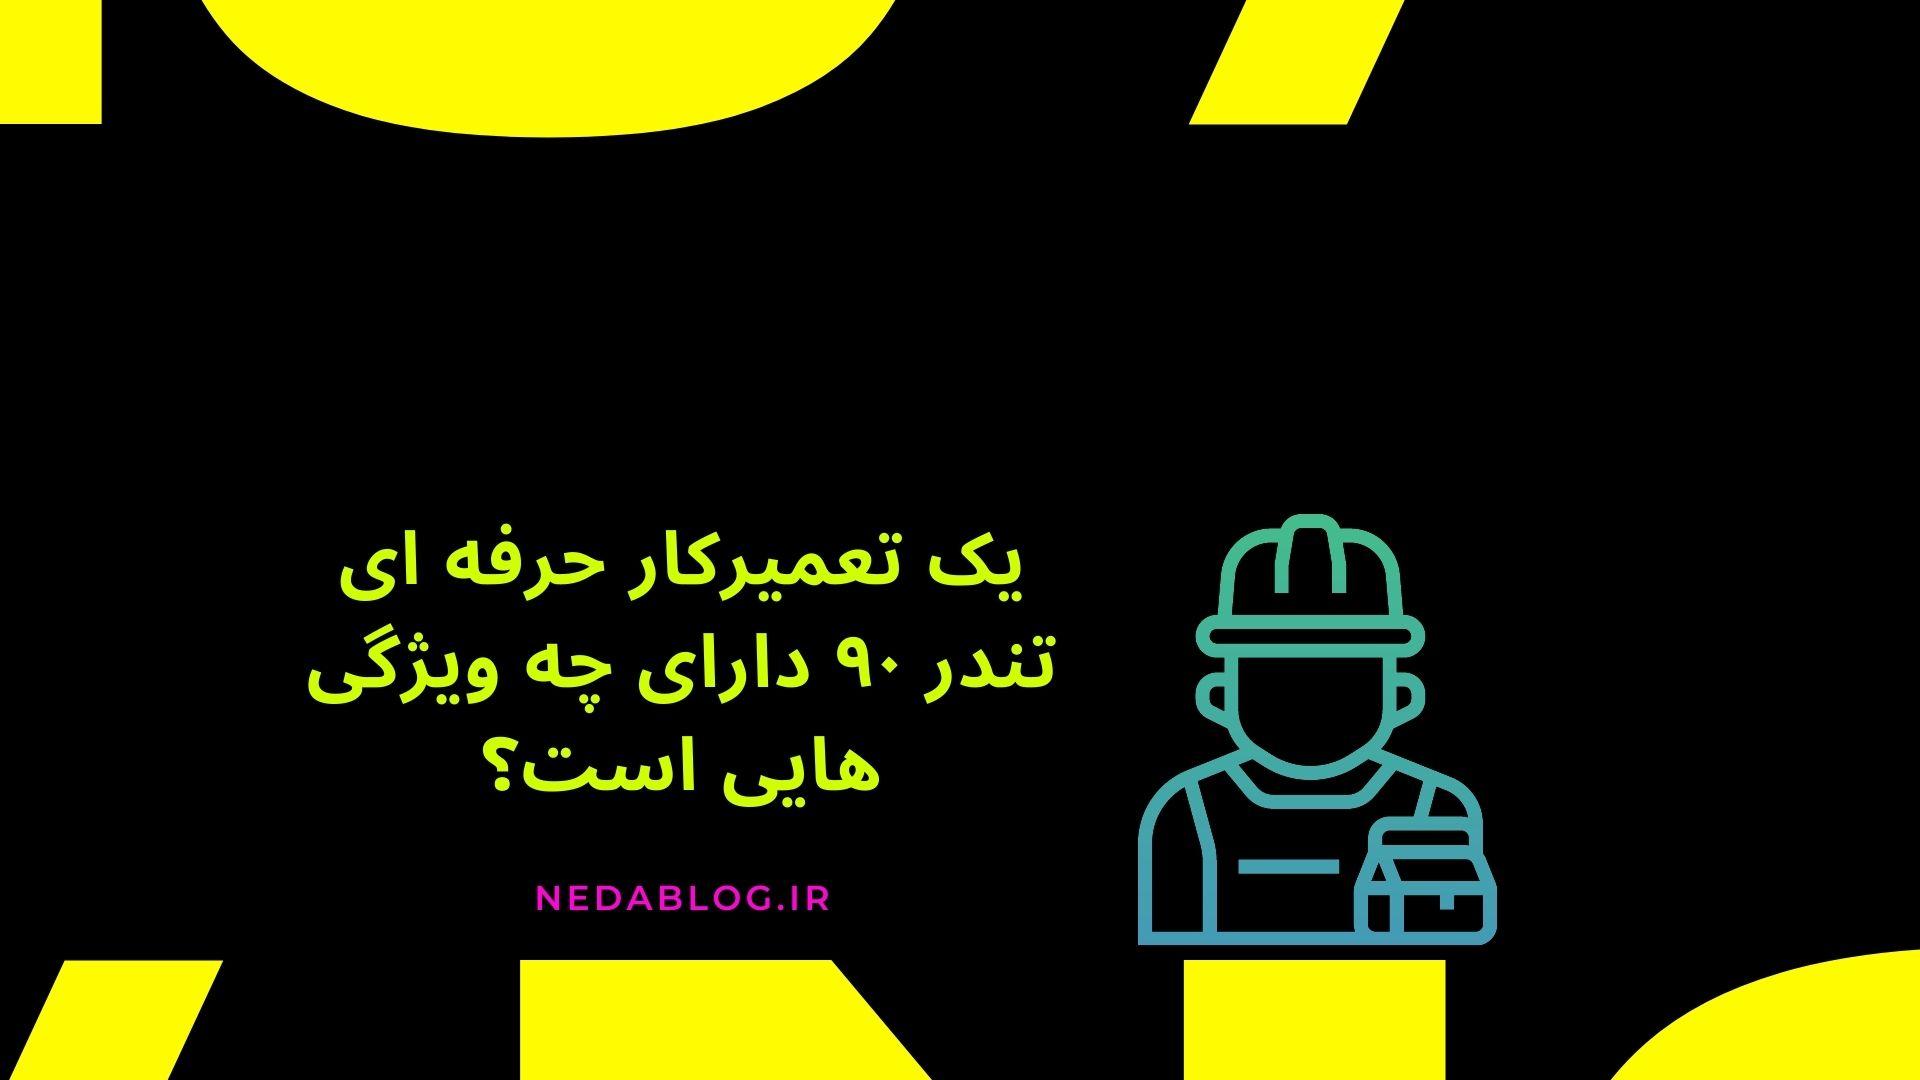 یک تعمیرکار حرفه ای تندر ۹۰ دارای چه ویژگی هایی است؟